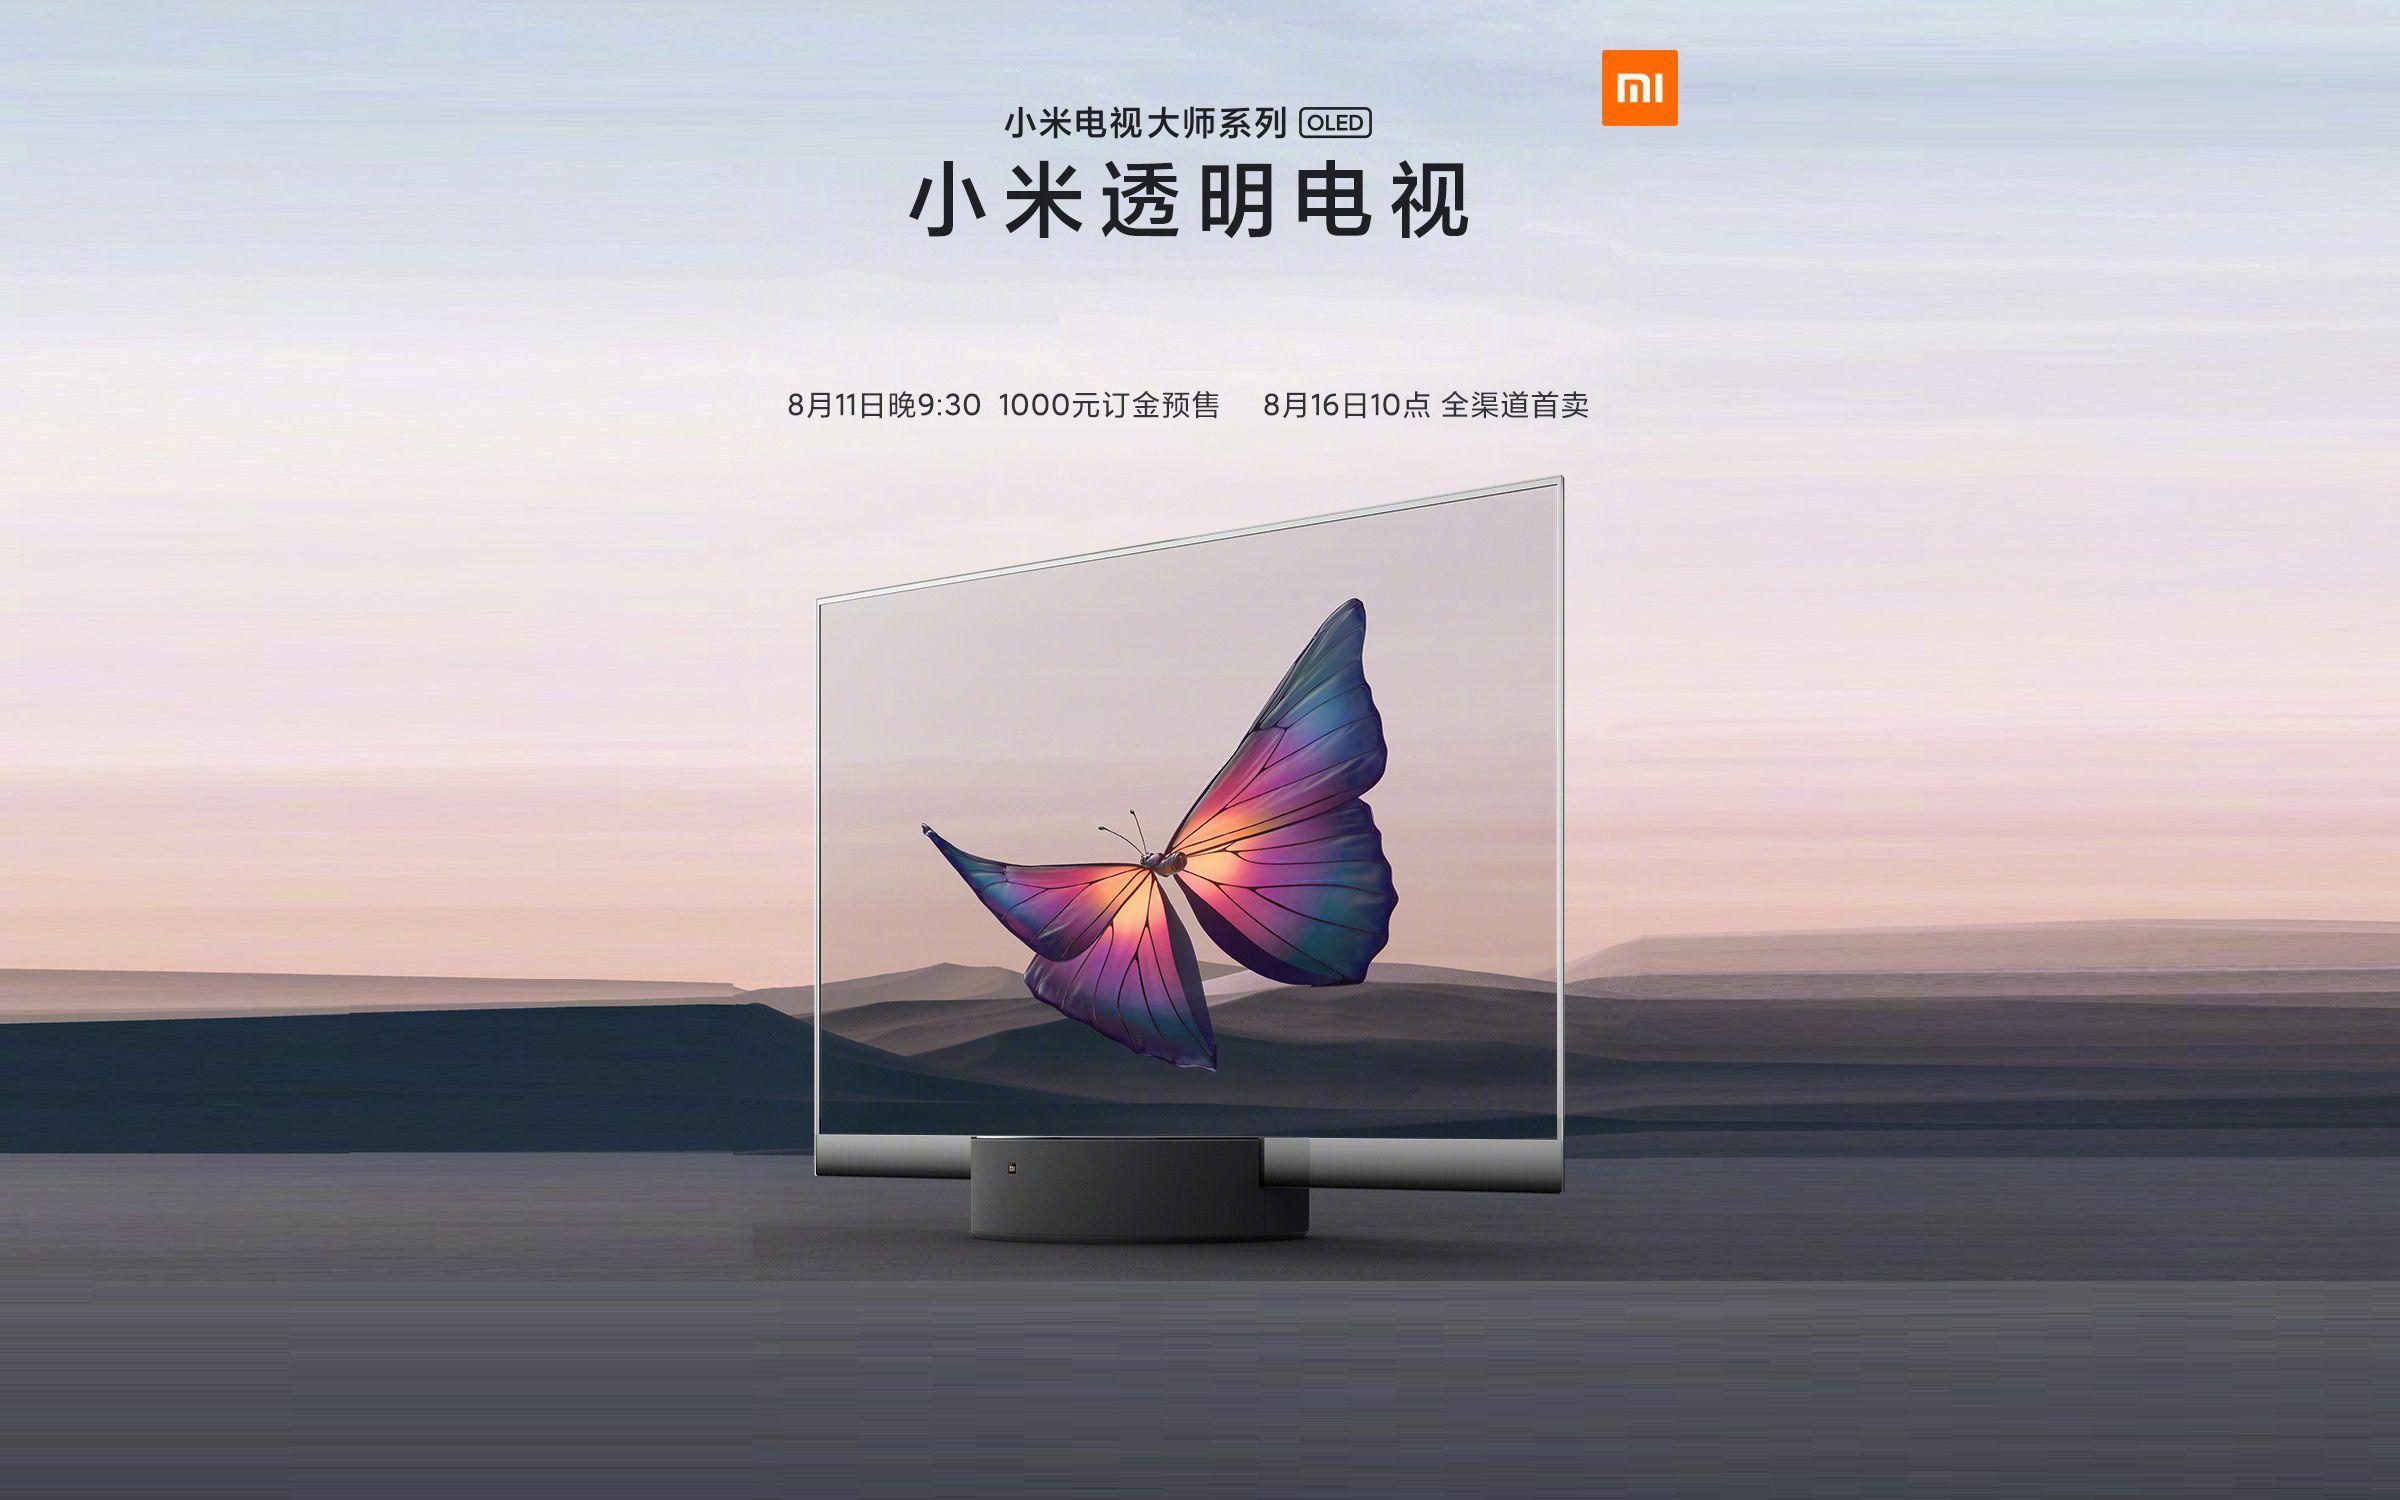 Xiaomi Mi TV LUX Transparent Edition presentata ufficialmente: la smart TV con display OLED trasparente